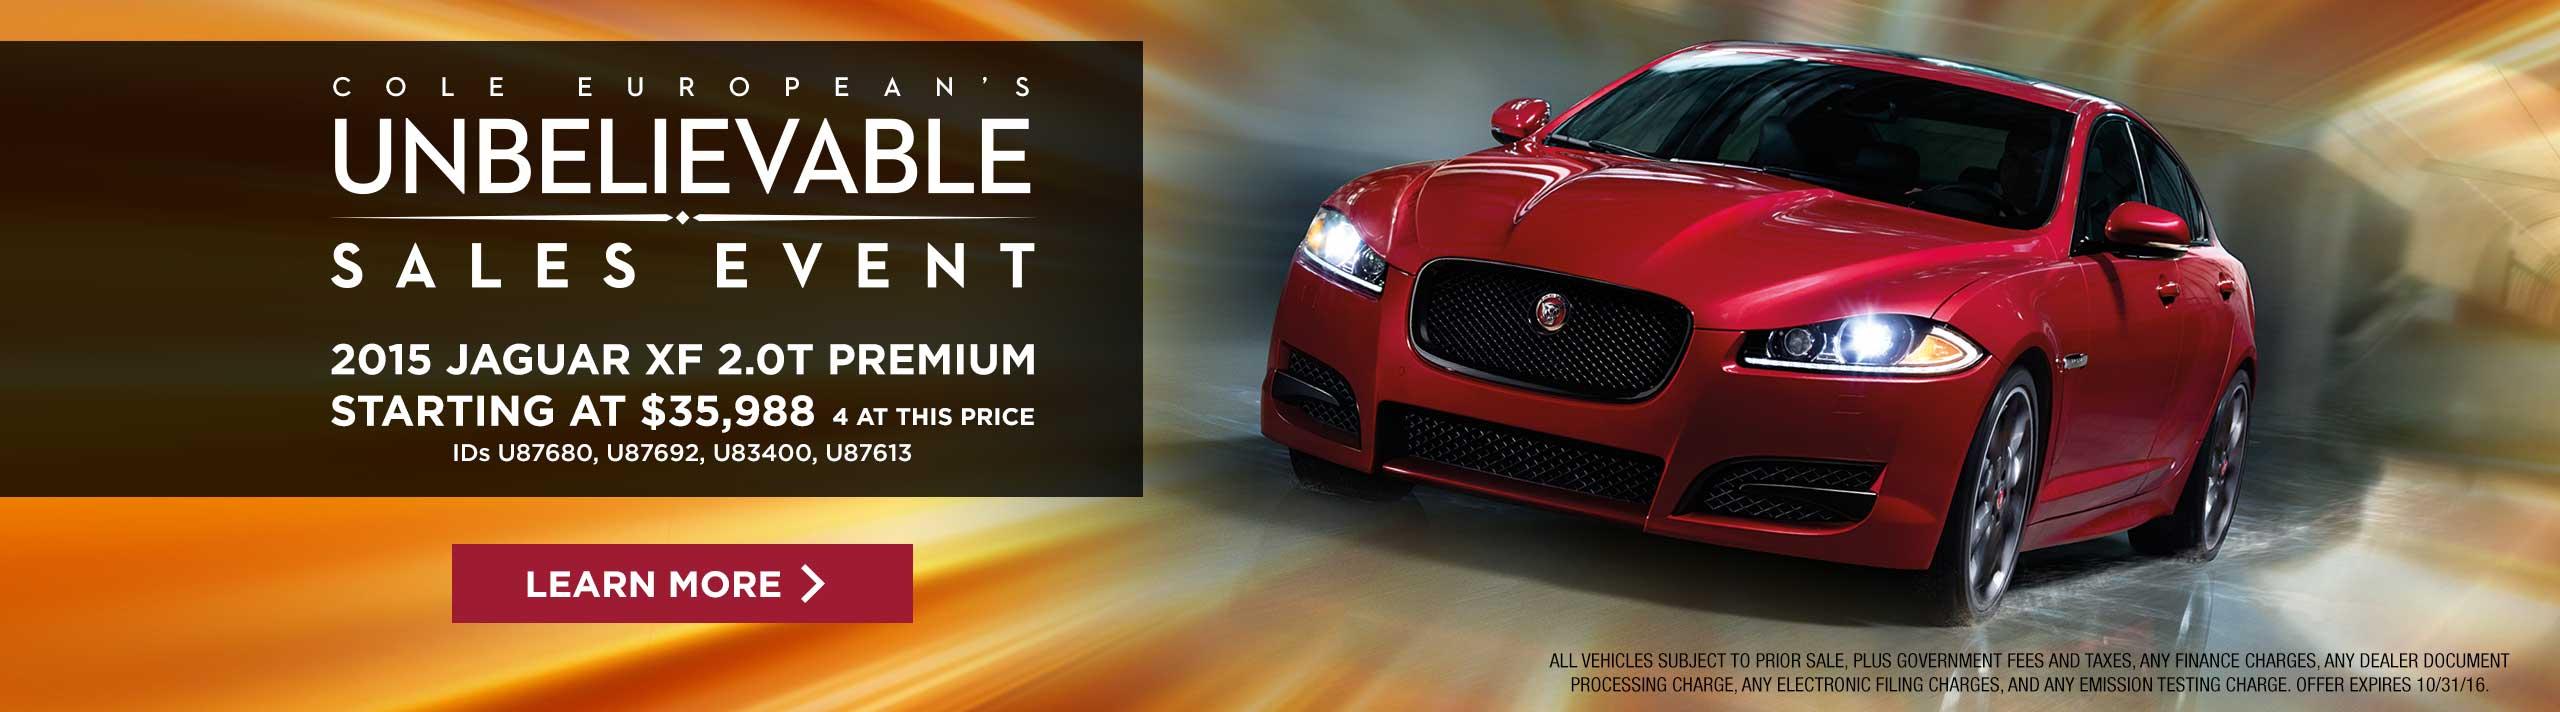 Jaguar - Unbelievable Sales Event